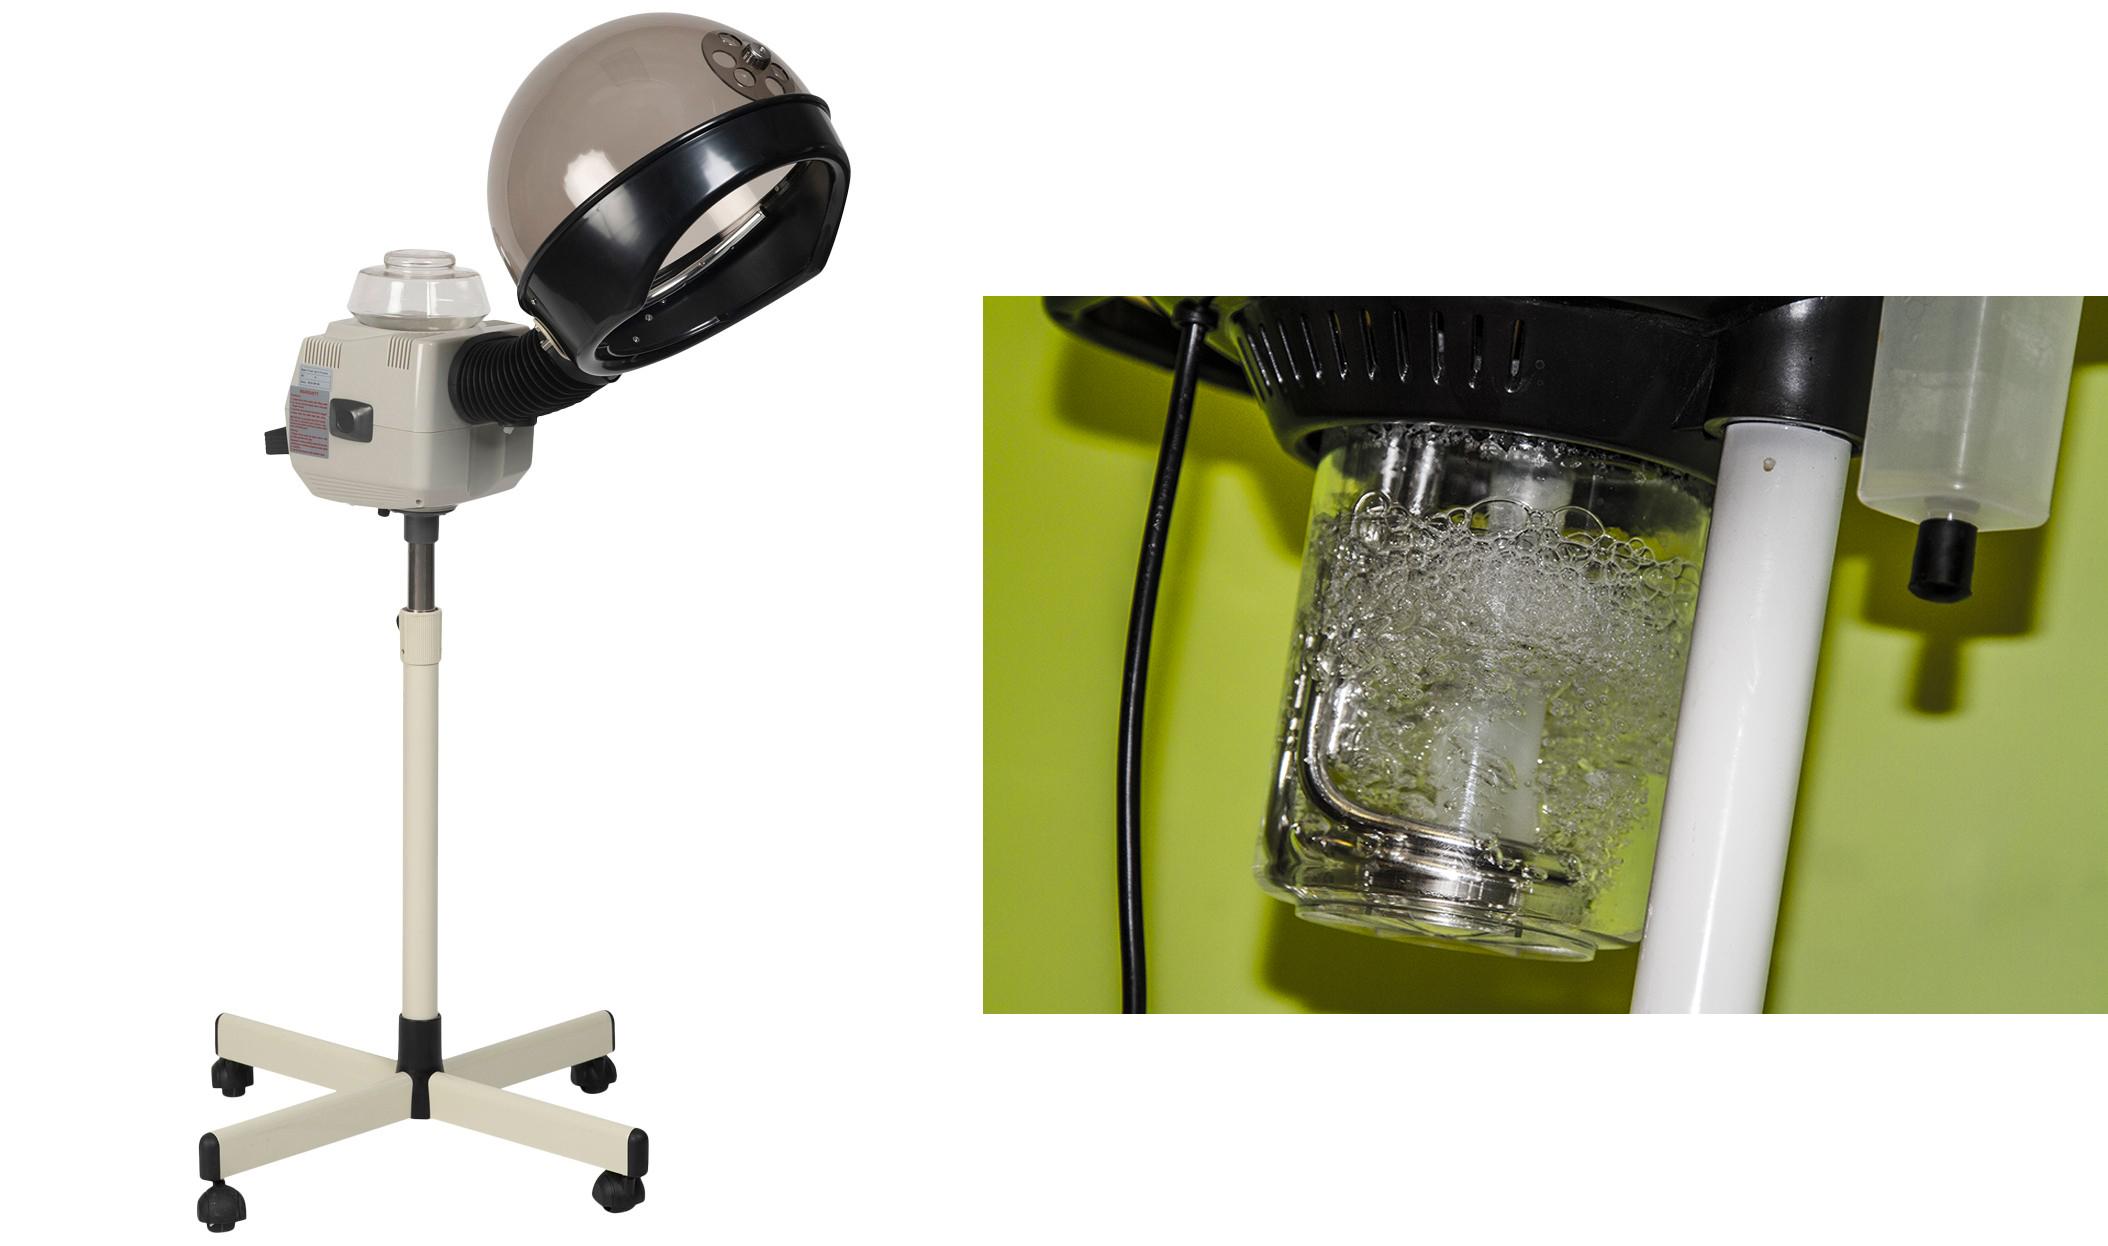 Một chiếc máy chuyên dụng cho việc hấp dầu bằng cách đun sối nước tạo ra hơi nước dùng để hấp dầu tóc